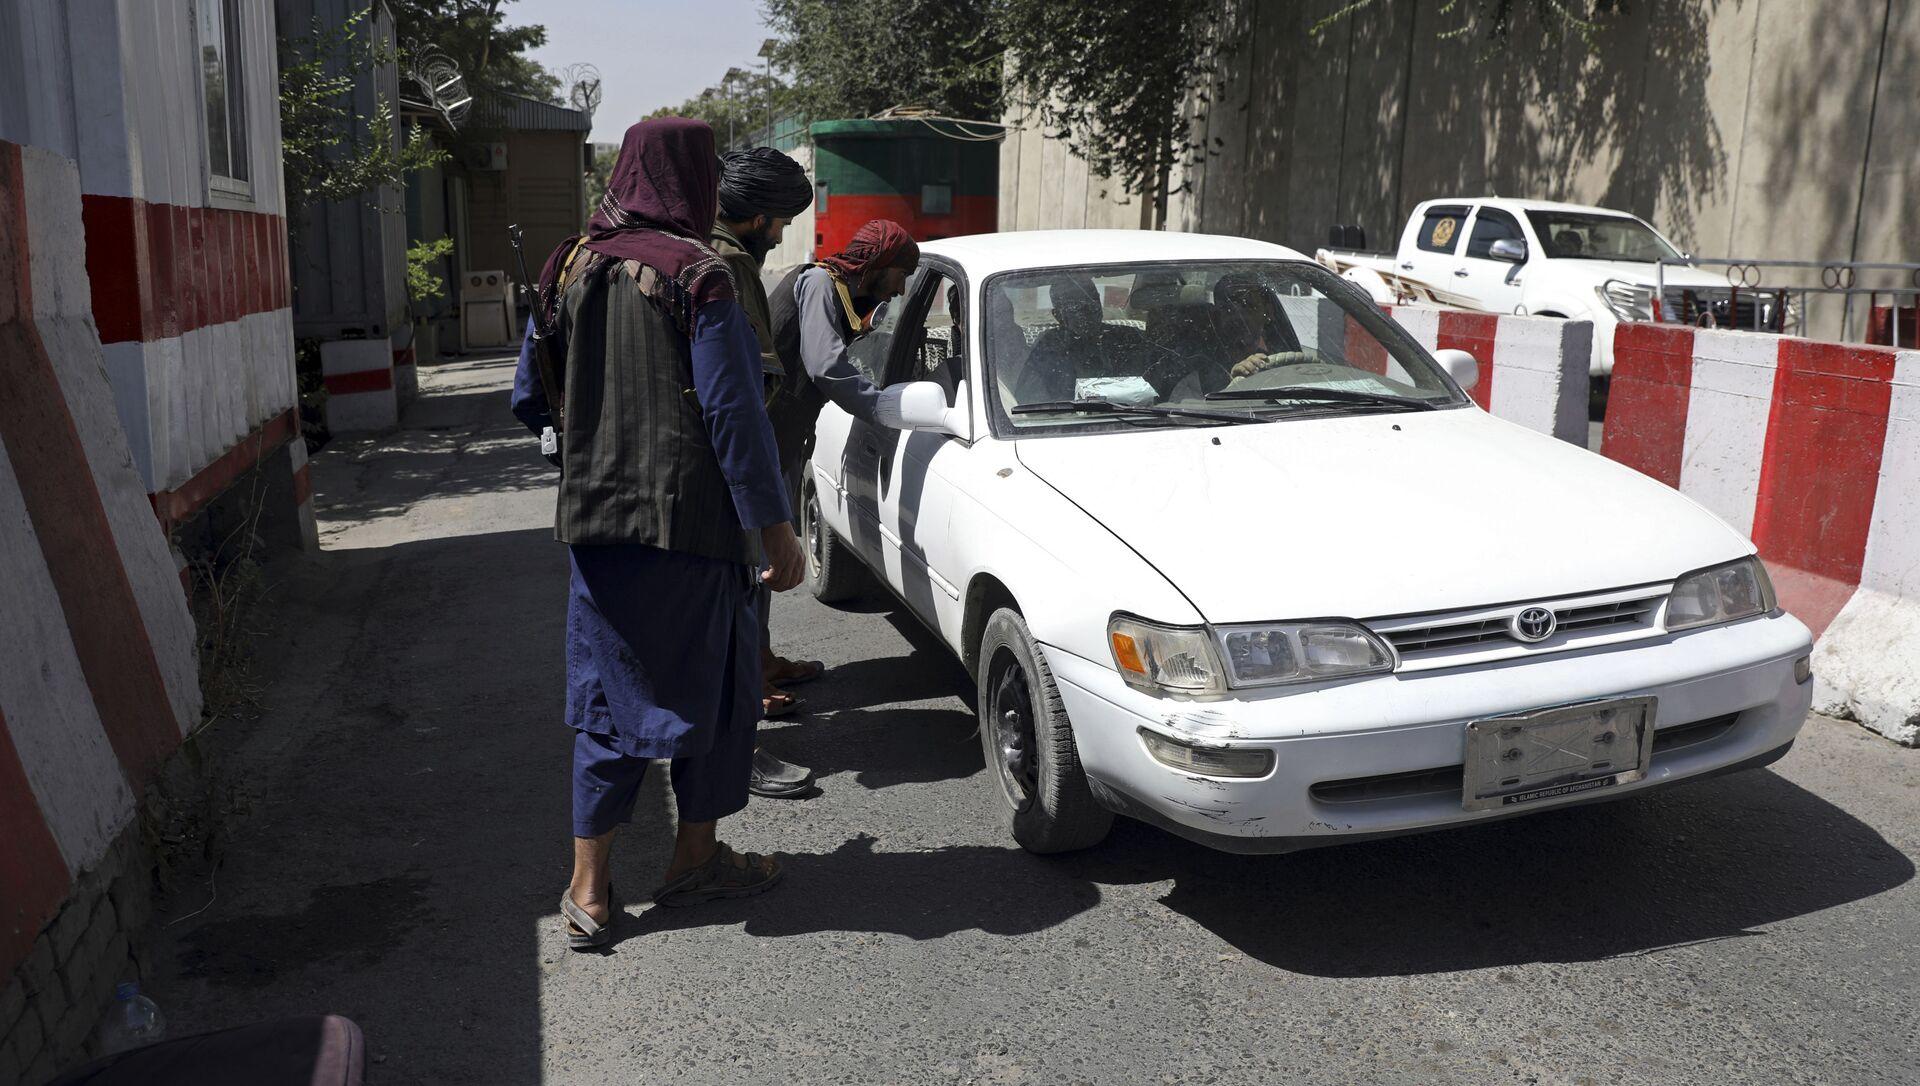 Боевики движения Талибан (террористическая группировка, запрещеннфая в РФ) в Кабуле, 16 авгутса 2021 года  - Sputnik Азербайджан, 1920, 16.08.2021